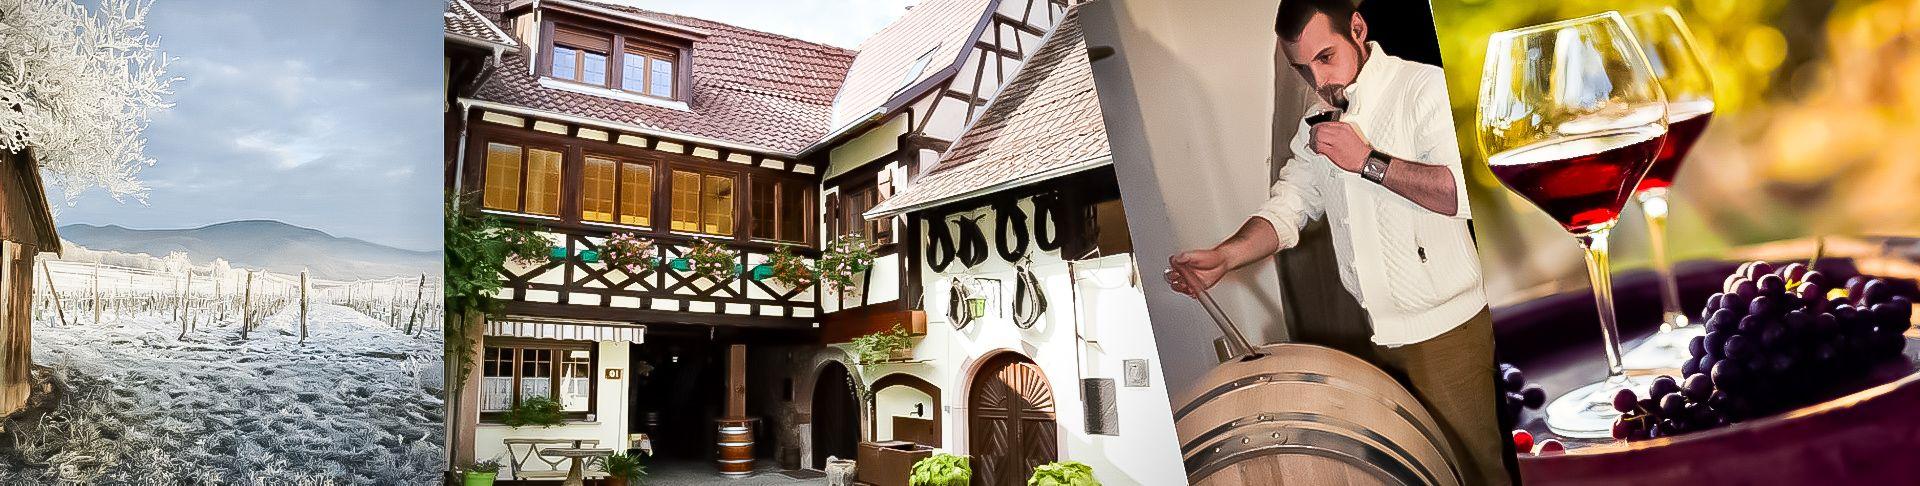 Domaine Vieux Pressoir-Schlosser | Vente en Ligne | Vins & Crémants